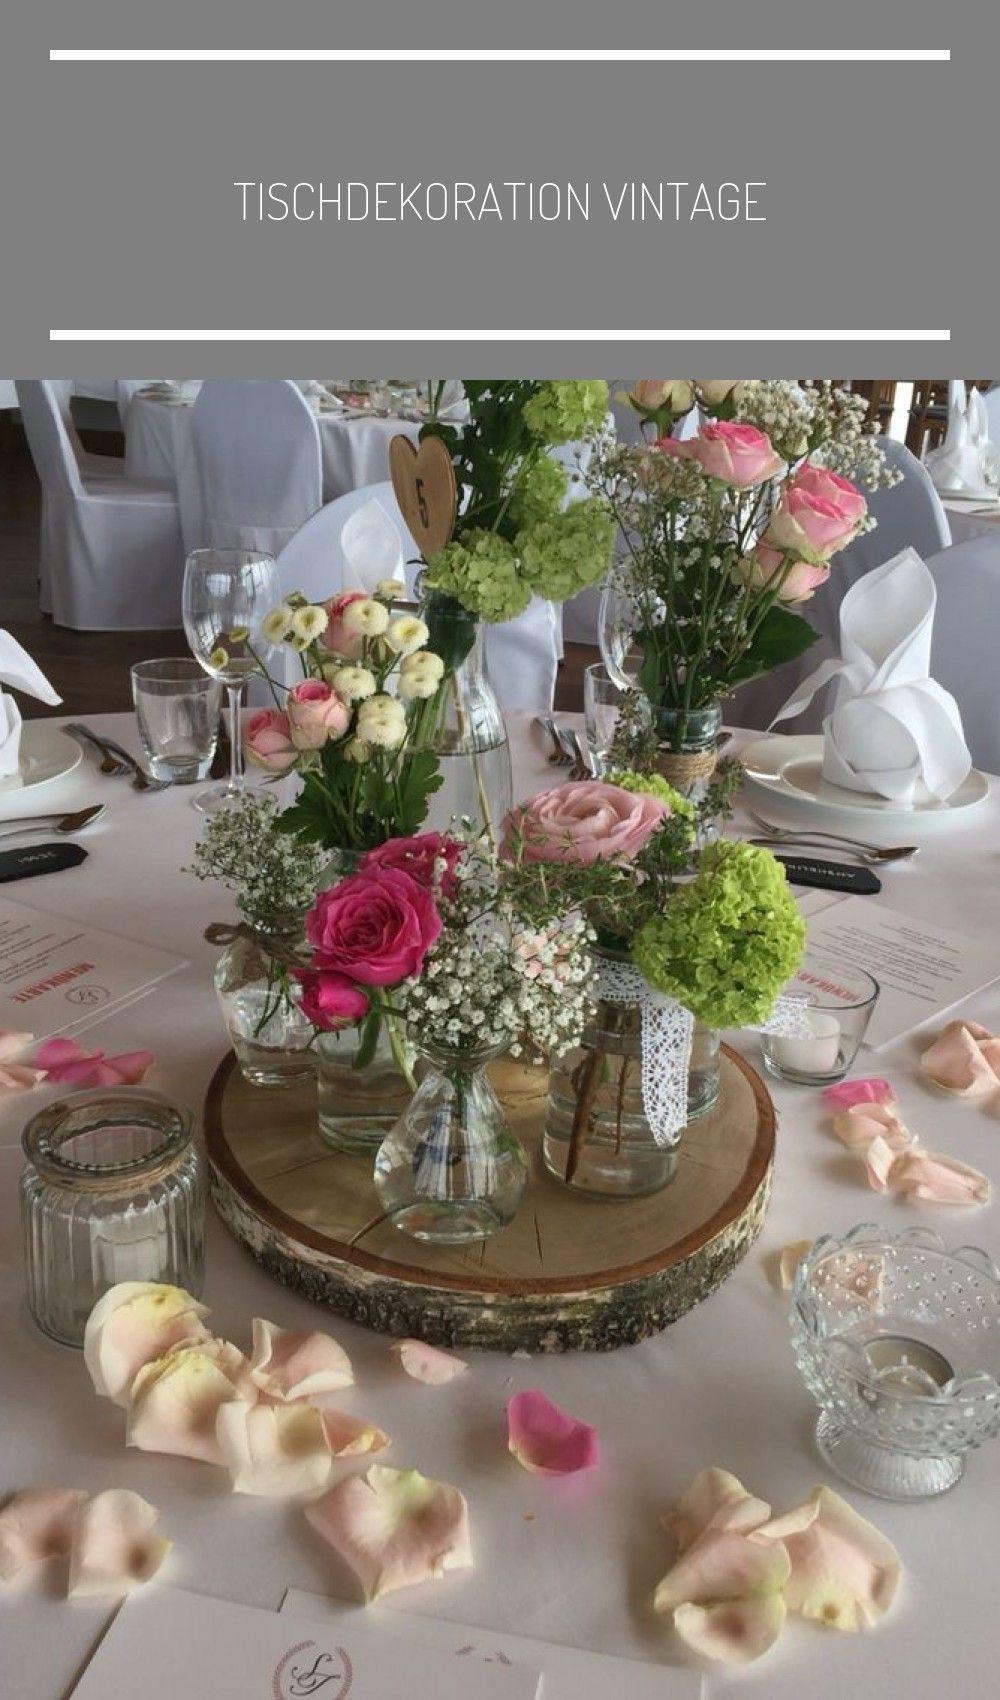 Deko Holzscheiben Tisch Tischdekoration Vintage Tischdekoration Vintage Holzscheiben Dek Dekoration Hochzeit Tischdekoration Hochzeit Blumendeko Hochzeit